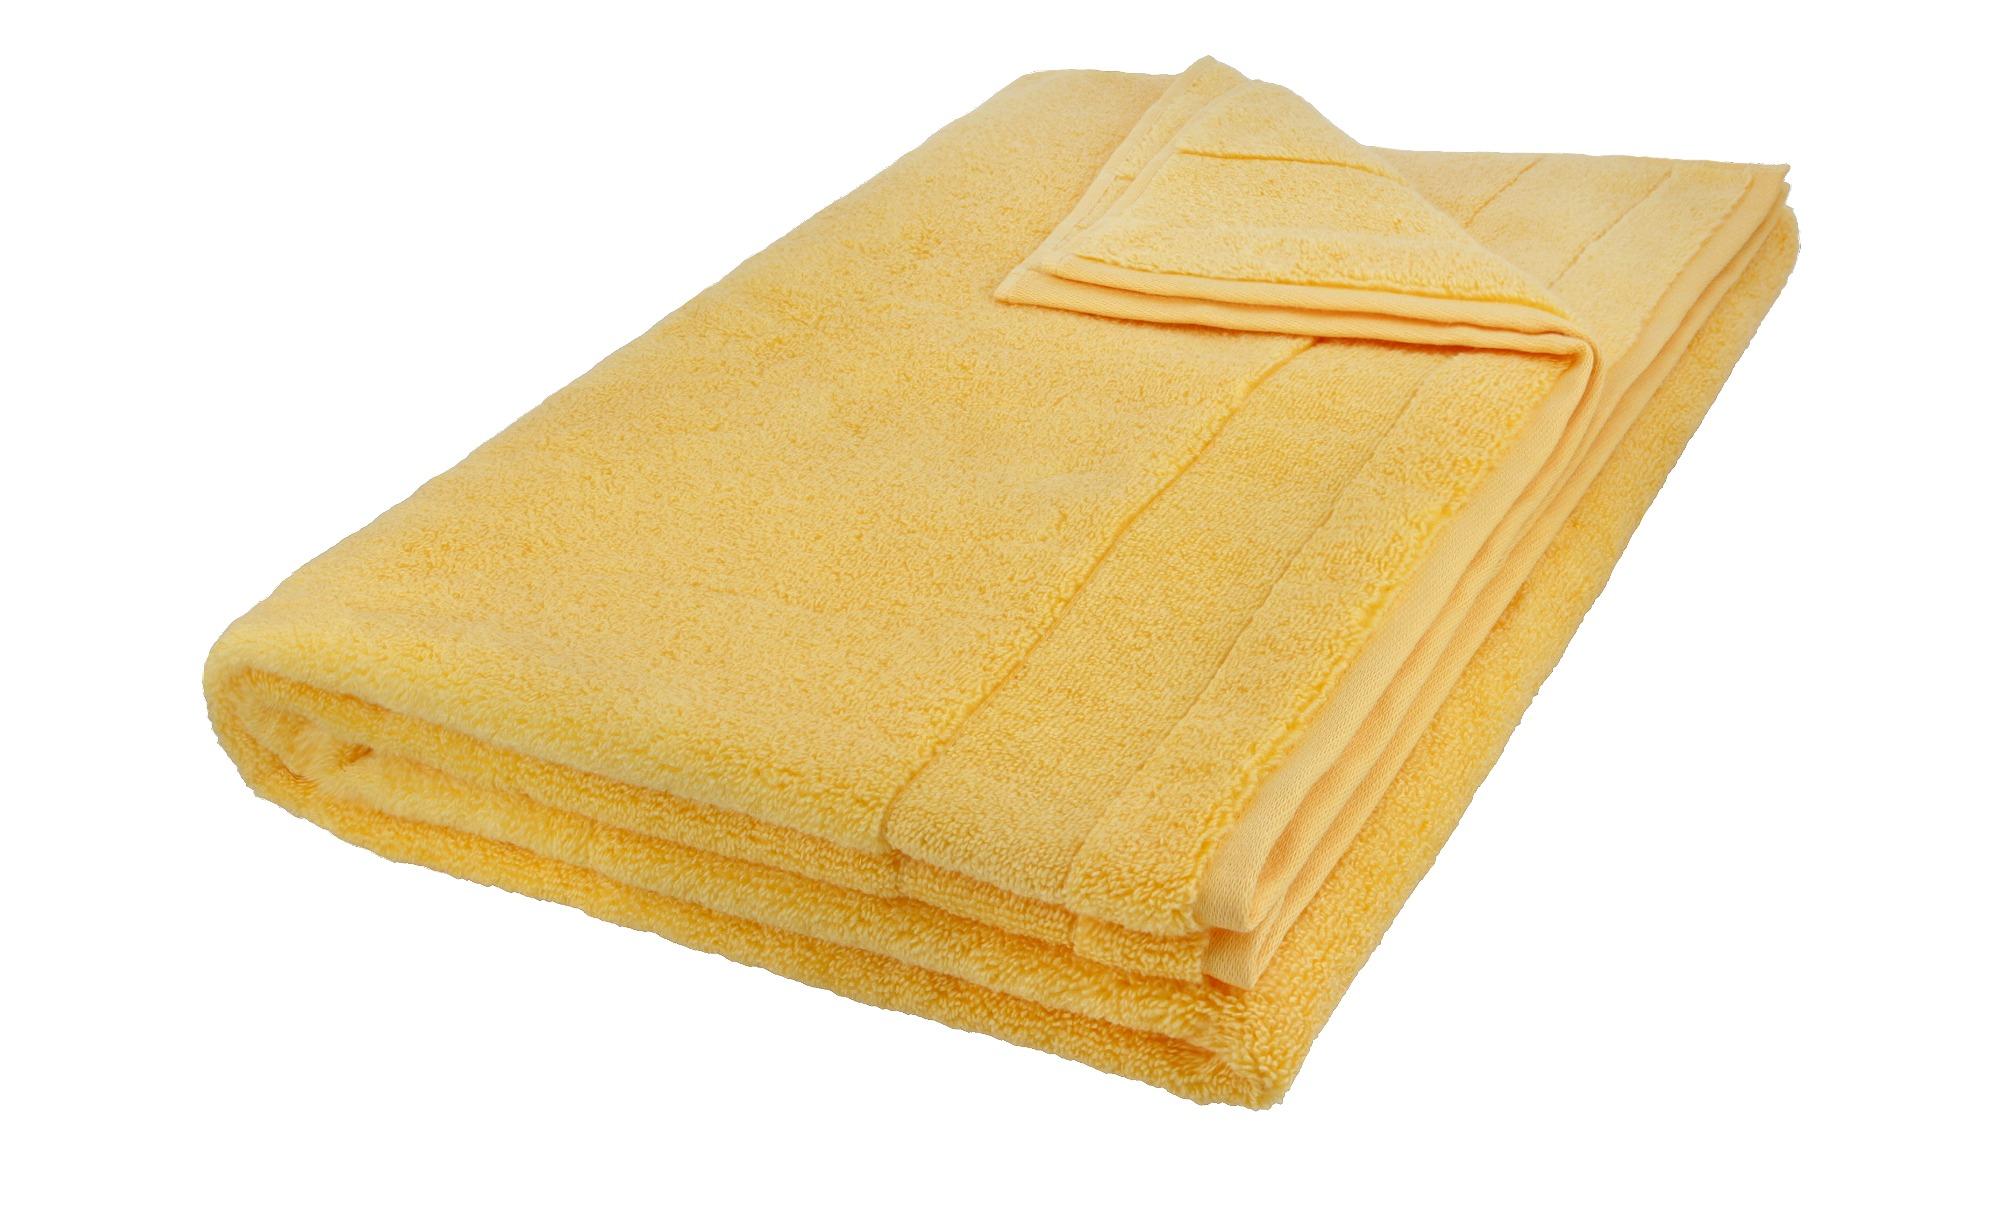 VOSSEN Badetuch  Cloud - gelb - 100% Baumwolle - 100 cm - Heimtextilien > Badtextilien und Zubehör > Handtücher - Möbel Kraft | Bad > Handtücher > Badetücher | VOSSEN